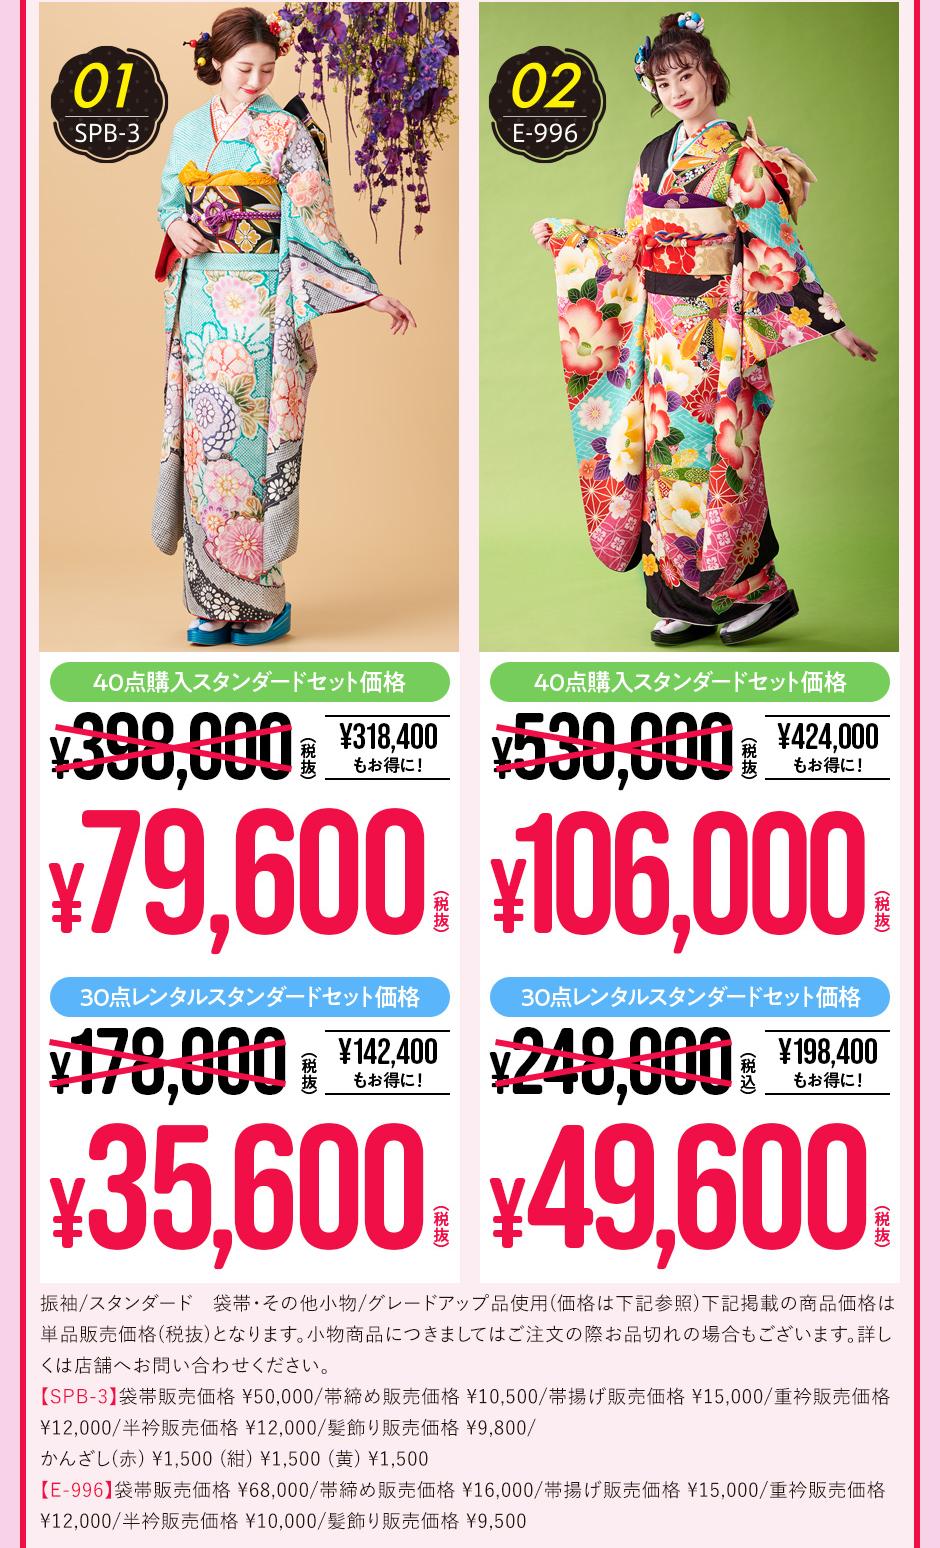 01/SPB-3 40点購入スタンダードセット価格¥79,600(税抜)¥318,400もお得に!|30点レンタルスタンダードセット価格¥35,600(税抜)¥142,400もお得に!|02/E-996 40点購入スタンダードセット価格¥106,000(税抜)¥424,000もお得に!|30点レンタルスタンダードセット価格¥49,600(税抜)¥198,400もお得に!